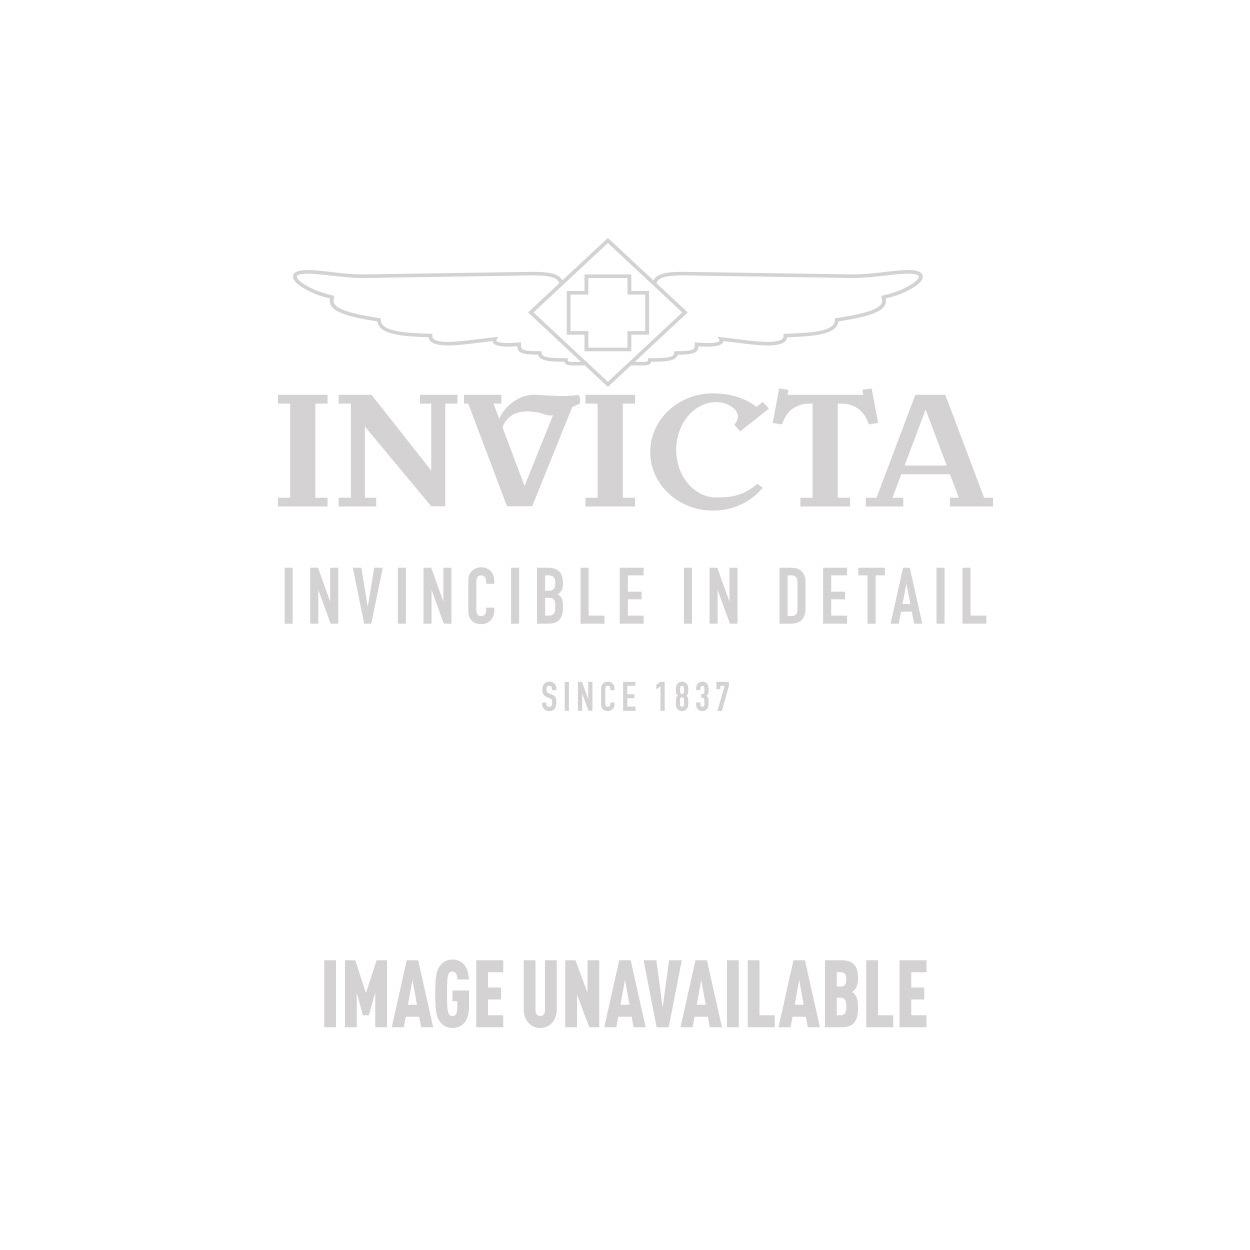 Invicta Model 29084